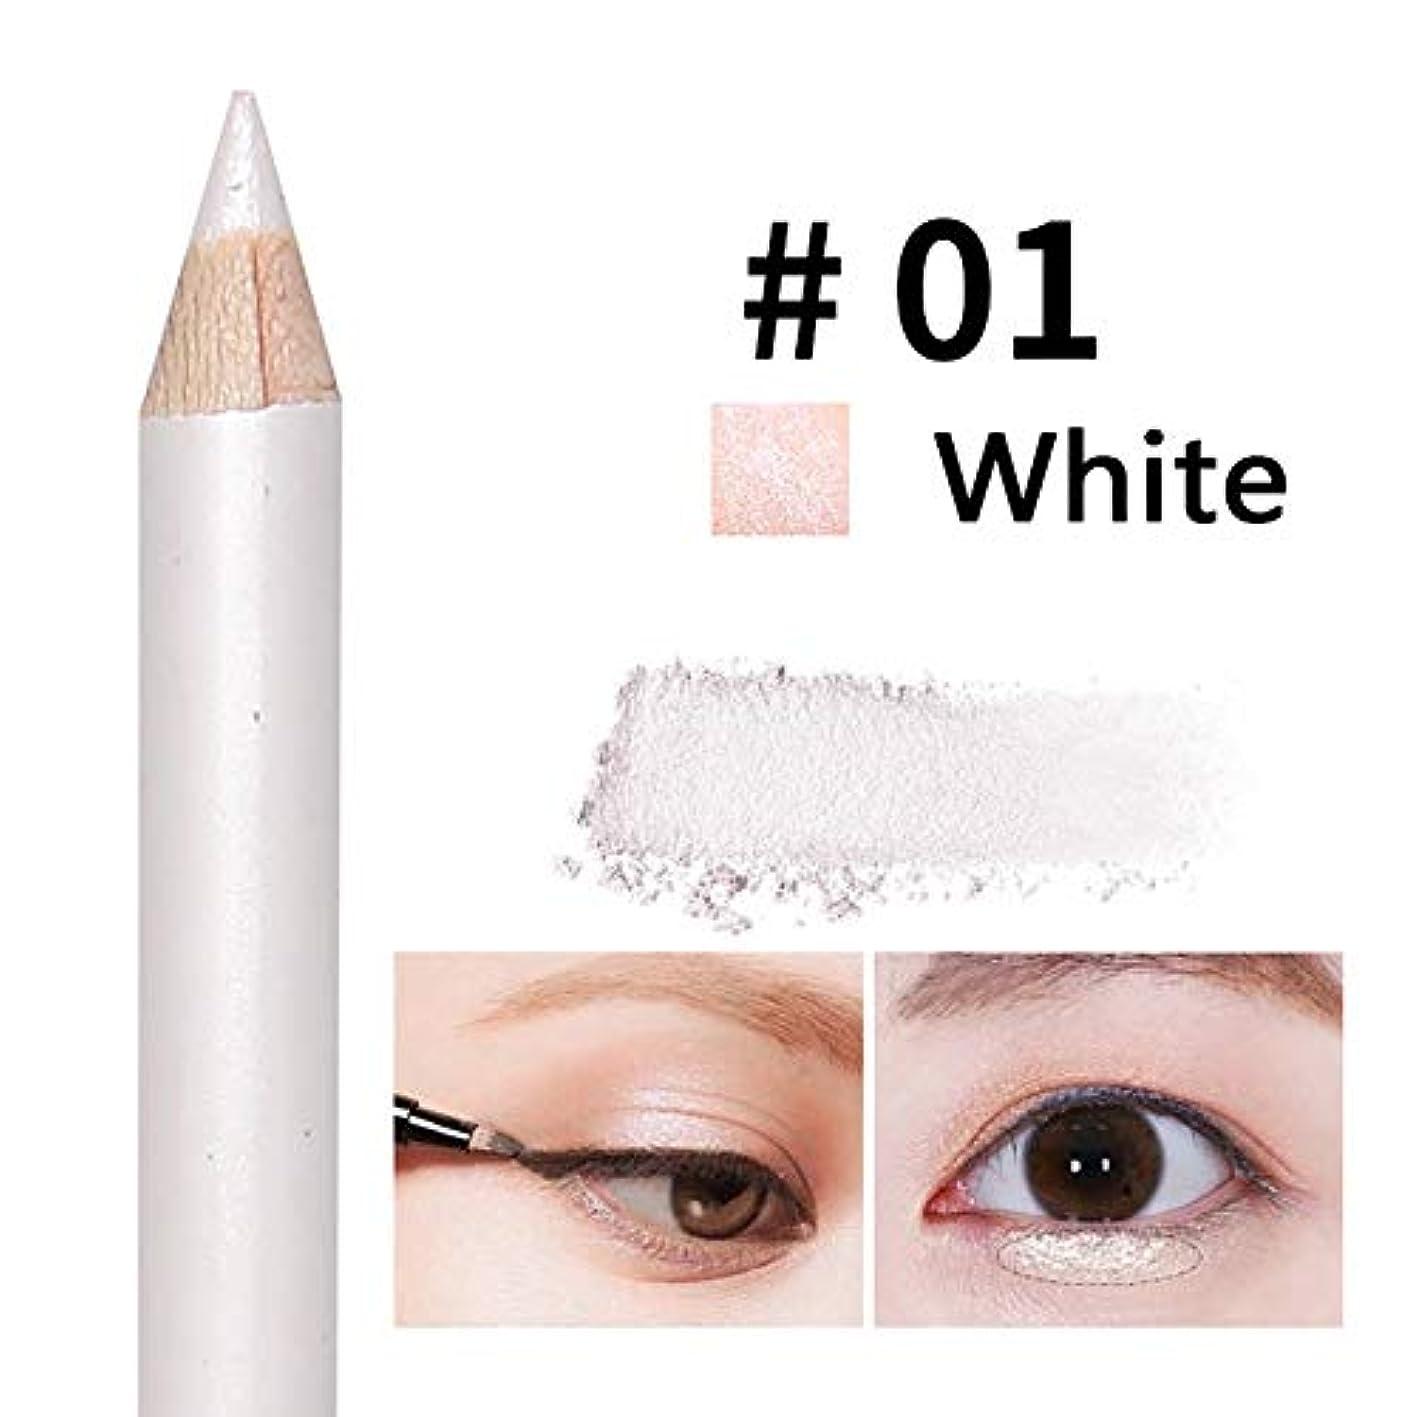 比較的雄弁家ラインCutelove アイシャドウ ペンシルタイプ パール入り 透明感 チップ付き 発色が良い 涙袋 防水 ホワイト